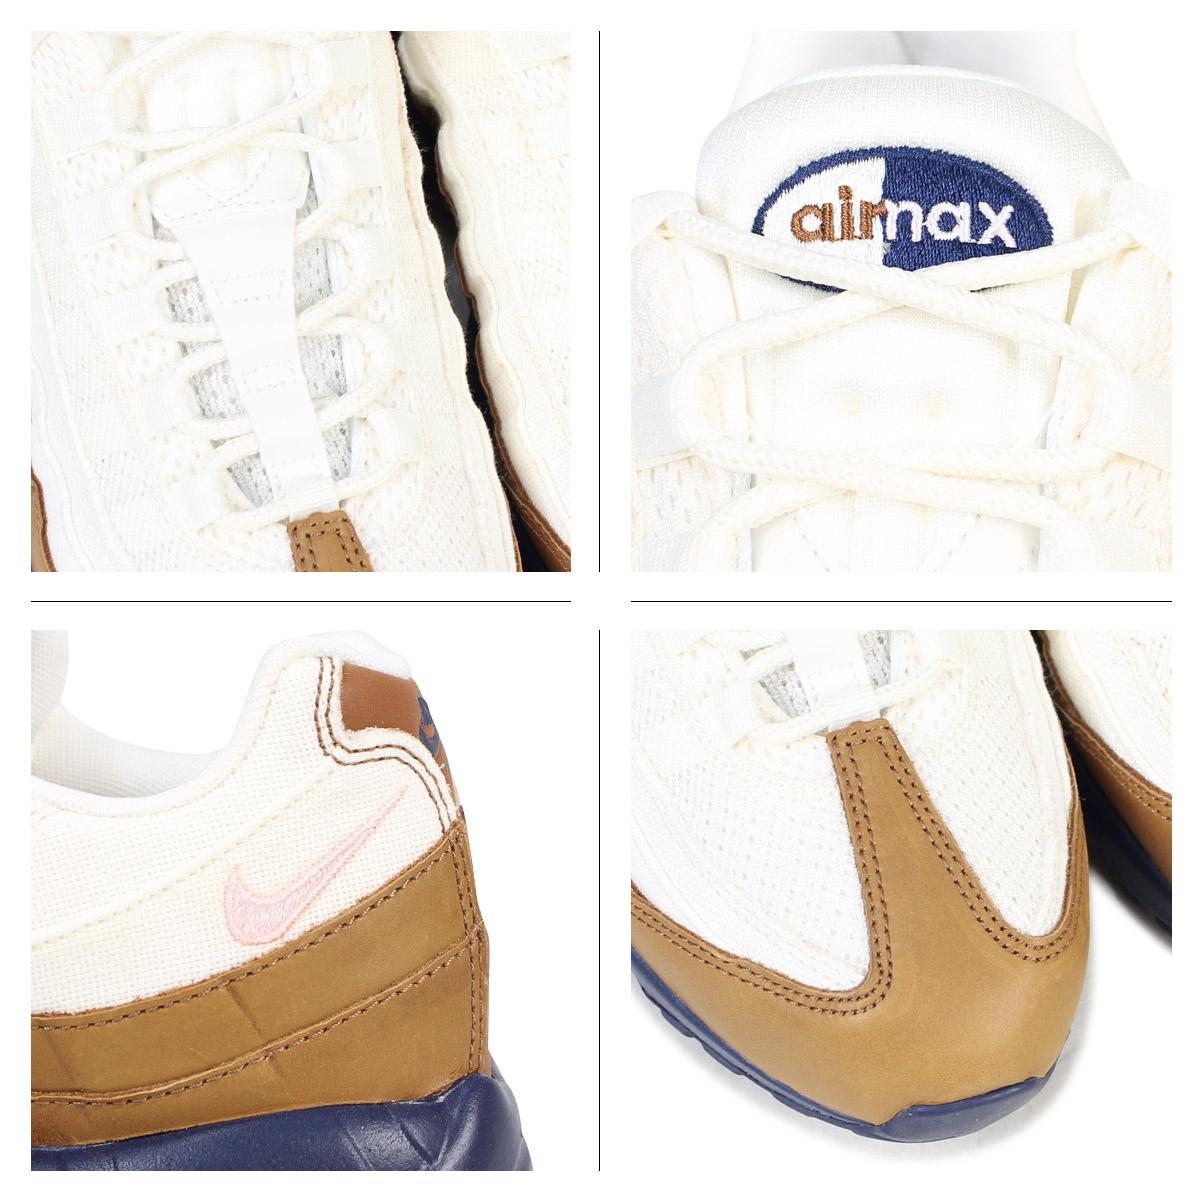 ba55811efe660 ... NIKE AIR MAX 95 PREMIUM ALE BROWN PACK Kie Ney AMAX 95 sneakers  538,416-200 ...